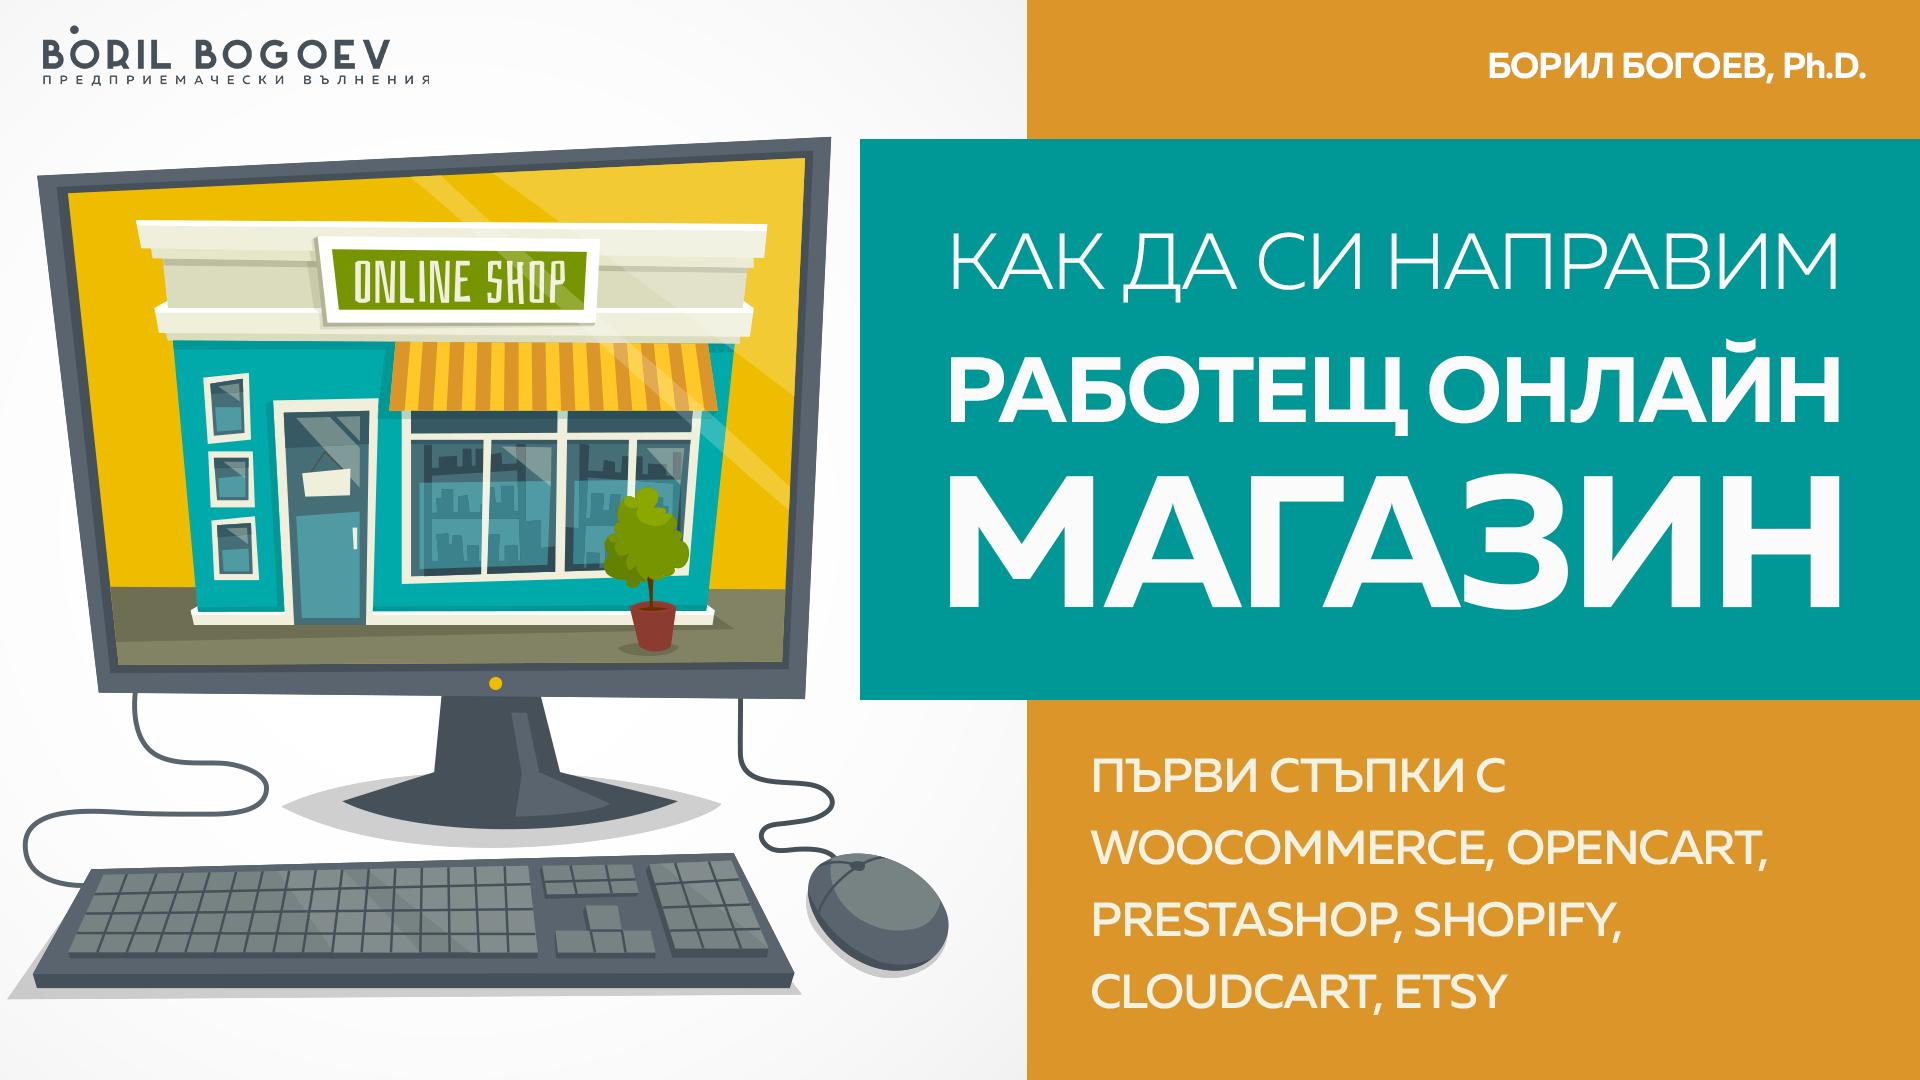 Как да си направим работещ онлайн магазин